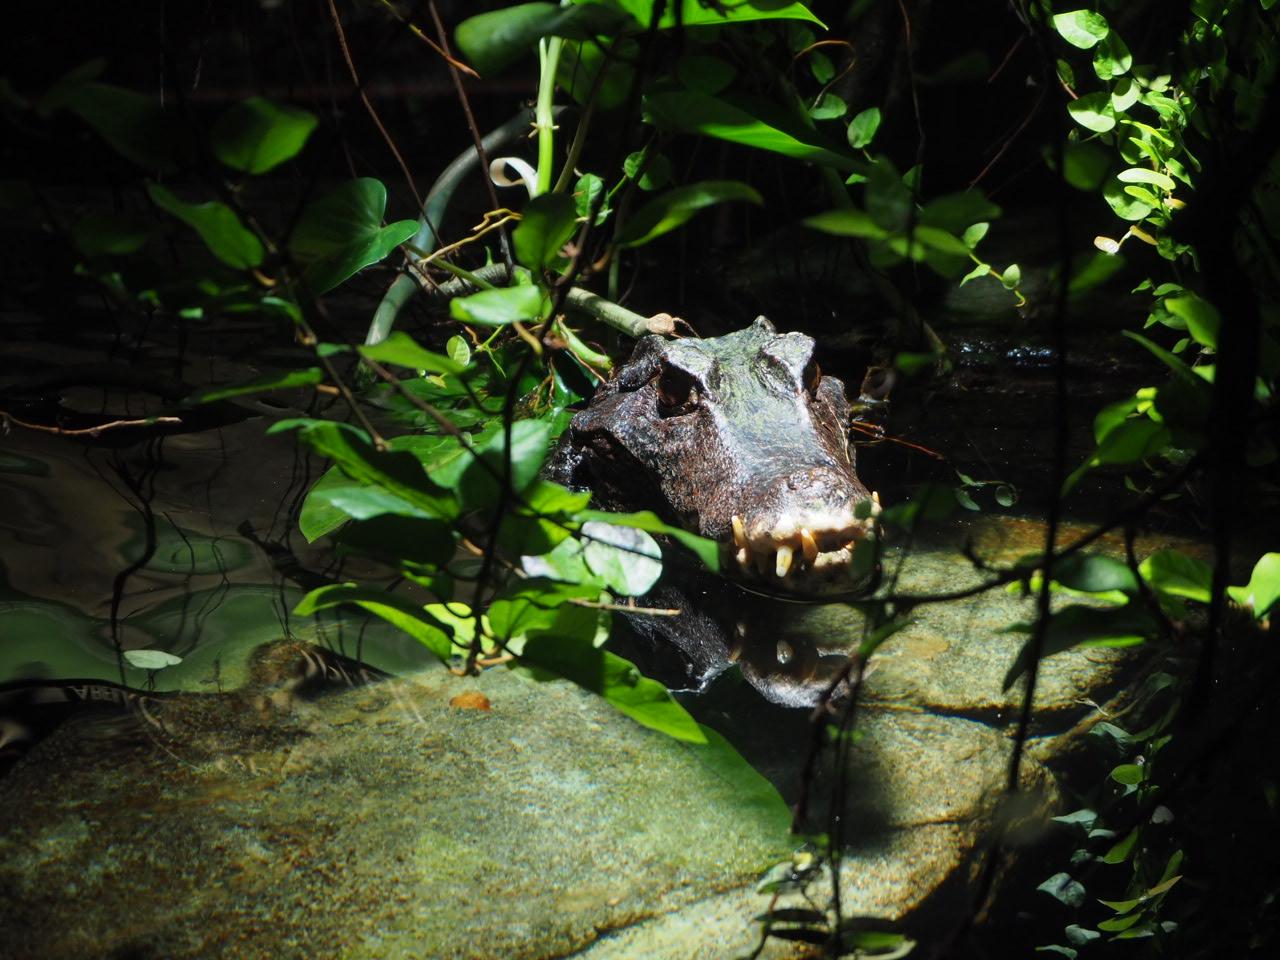 Alligator im Paludarium